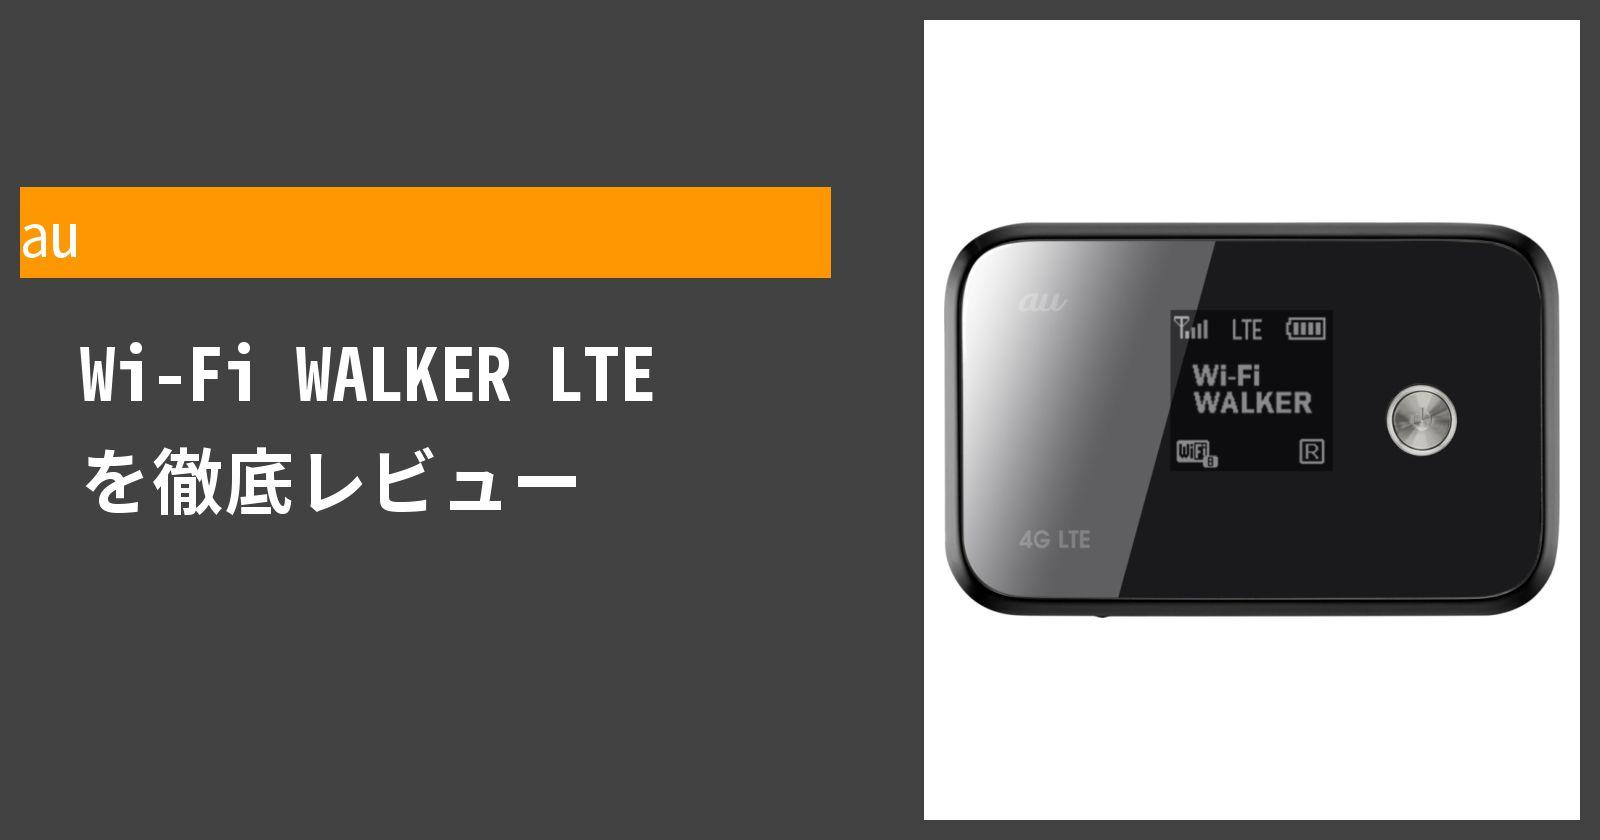 Wi-Fi WALKER LTEを徹底評価